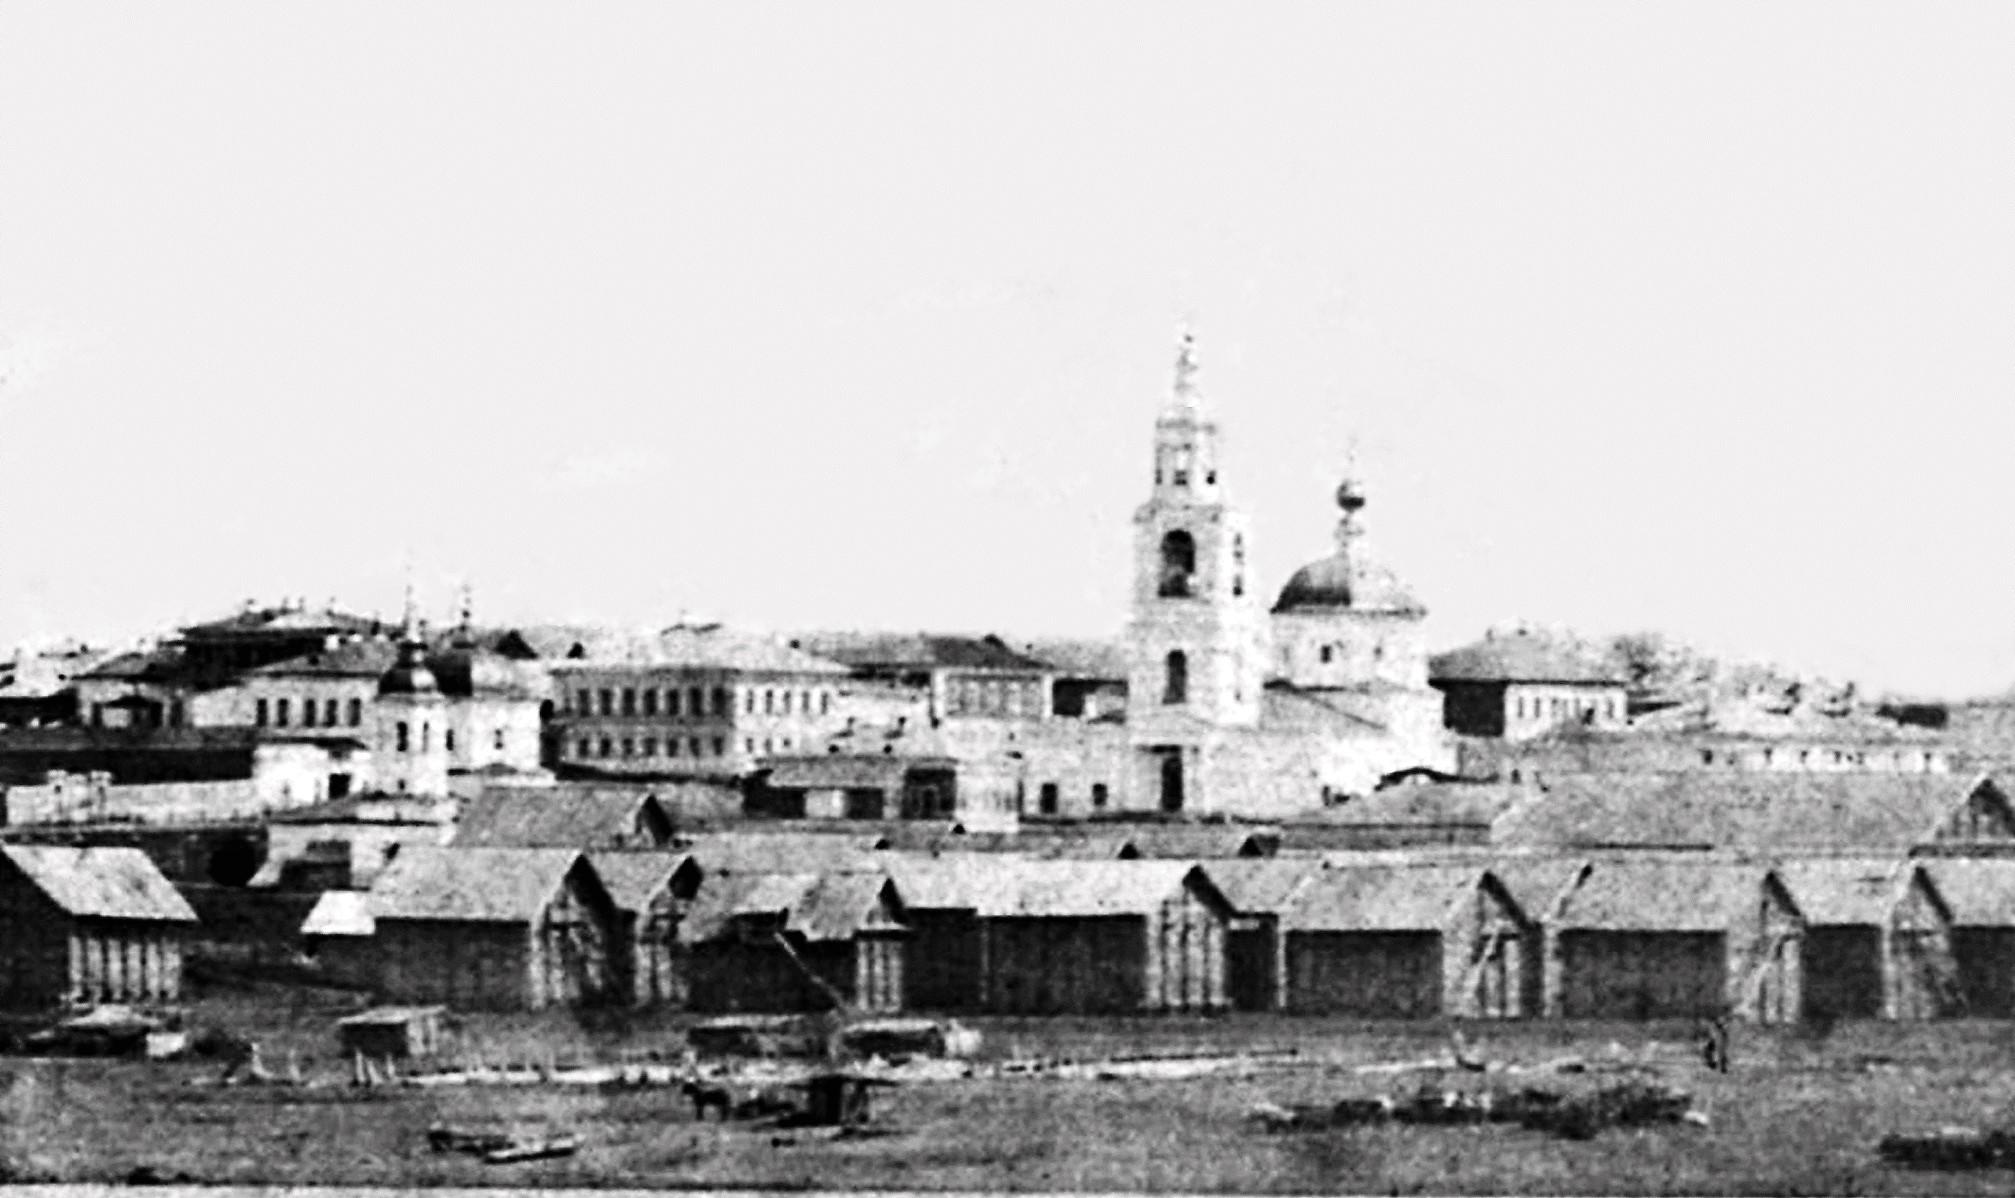 Вид на старую Хлебную площадь с Волги. В центре -- Казанский собор. На первом плане видны ряды хлебных амбаров. Фото примерно 1870-х годов.